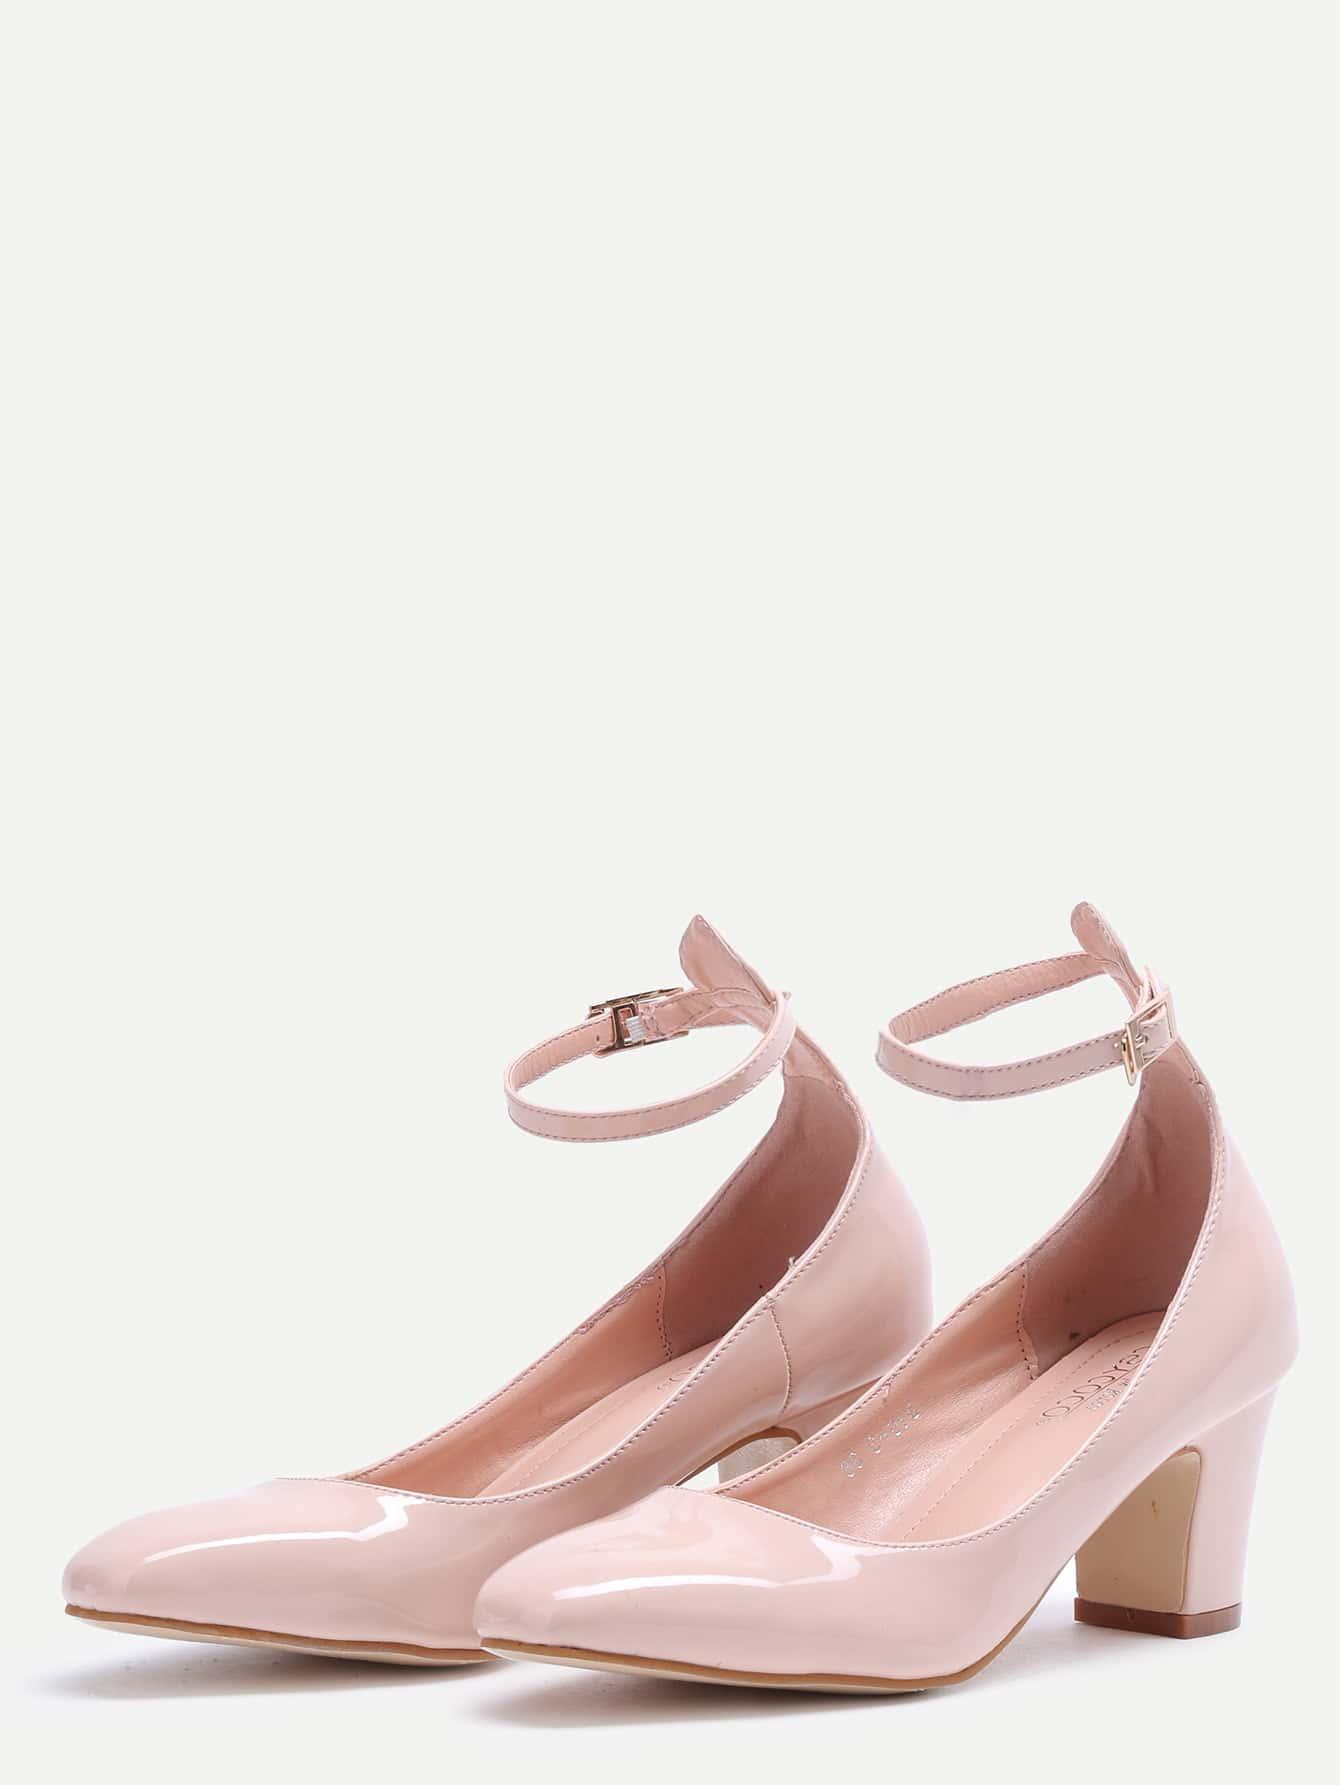 shoes161116806_2